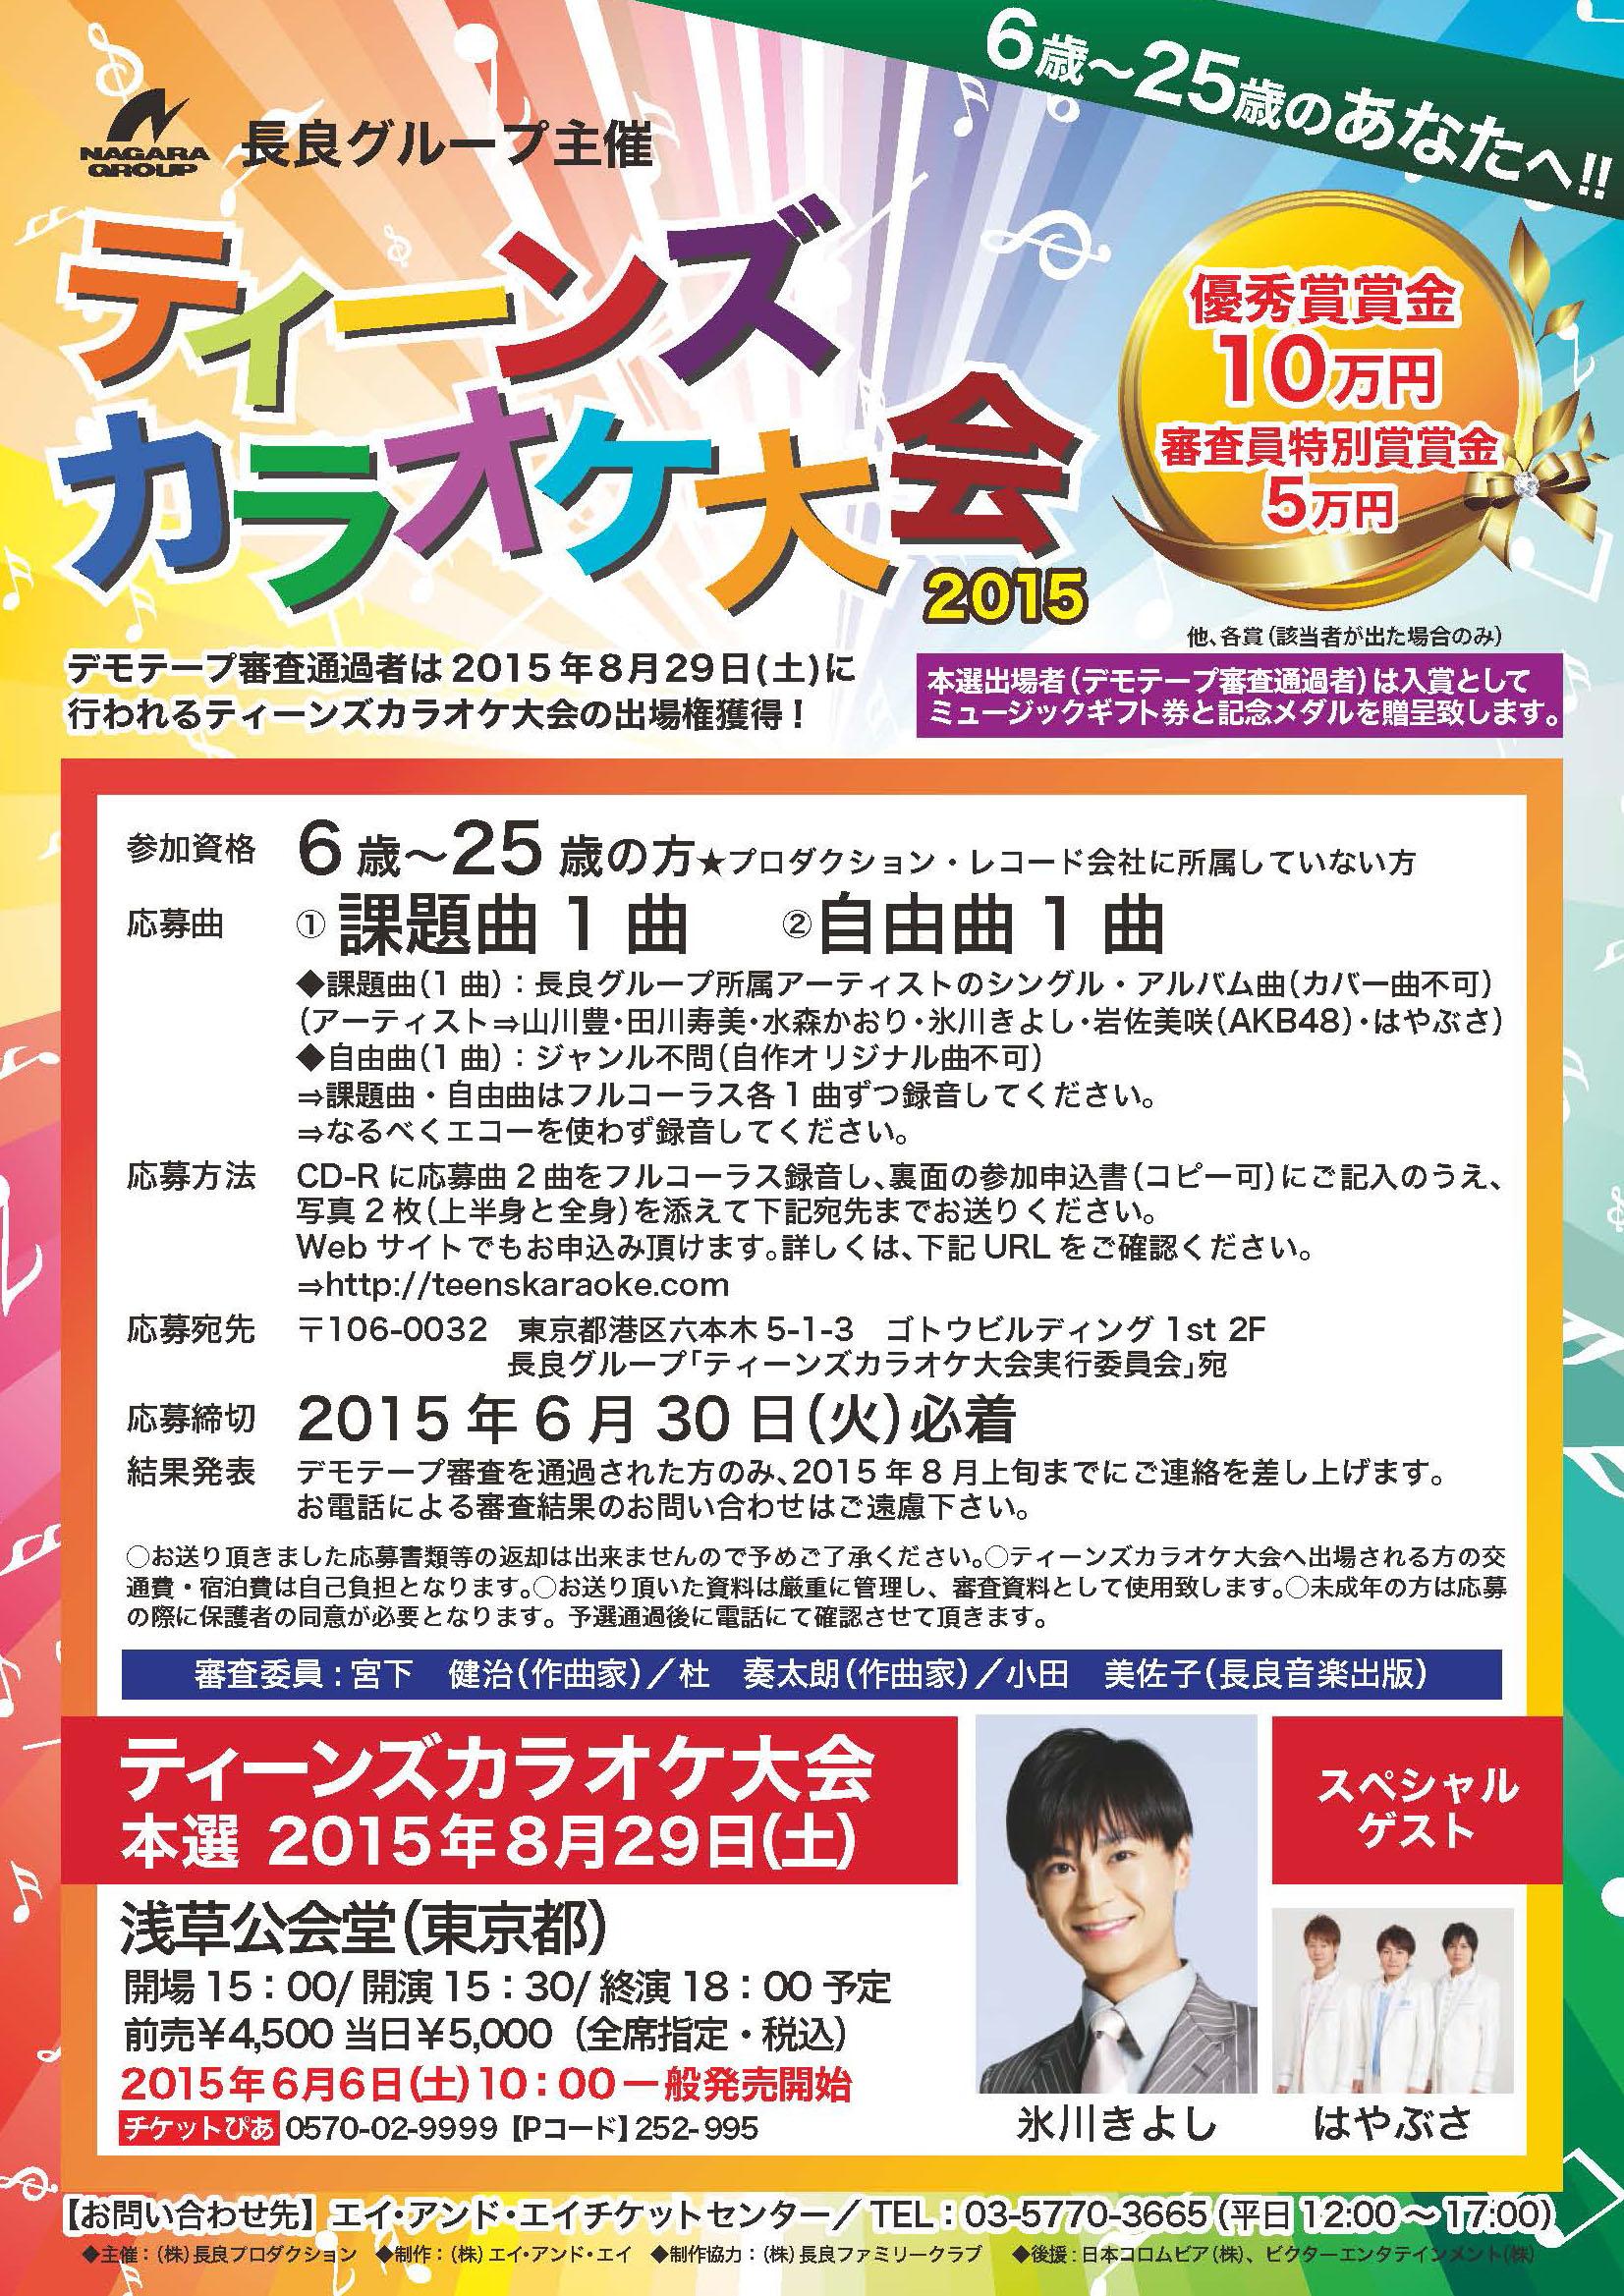 ポスター カラオケ大会2015-11